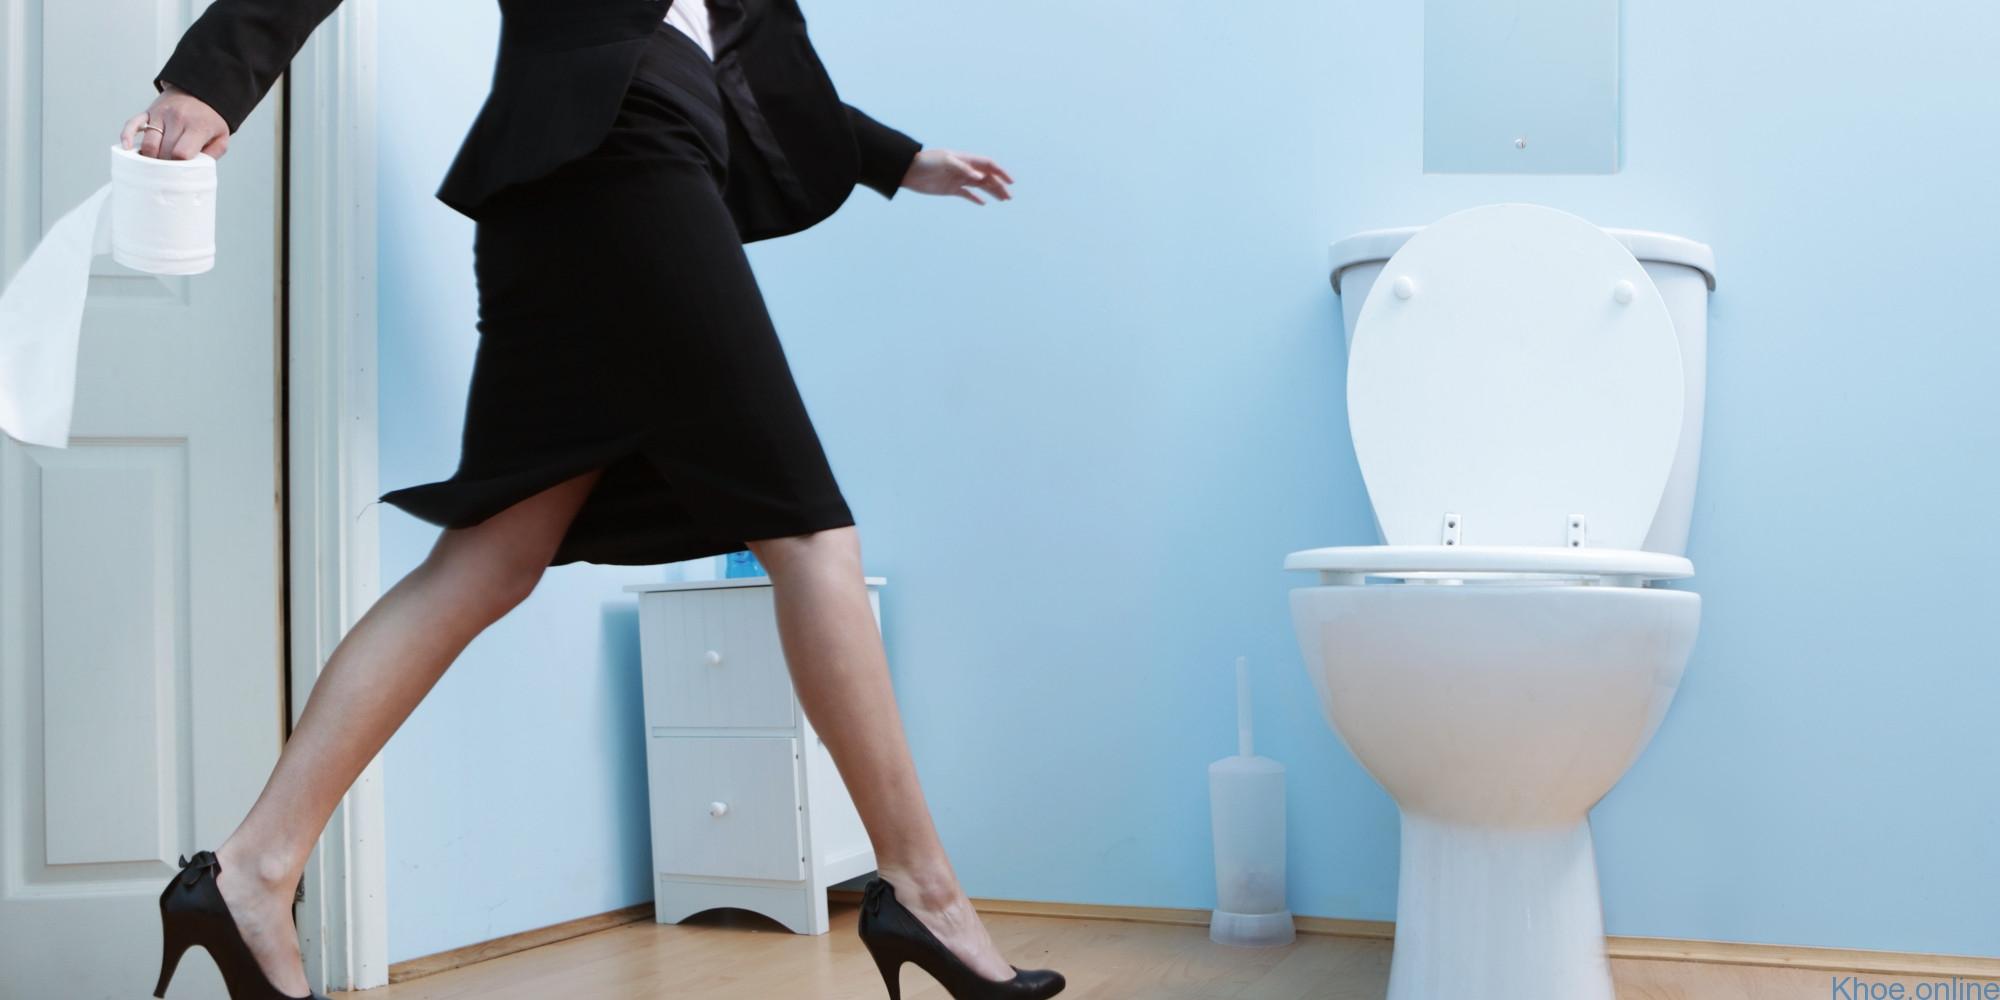 Hiện tượng tiểu không tự chủ gây nhiều ảnh hưởng tới cuộc sống